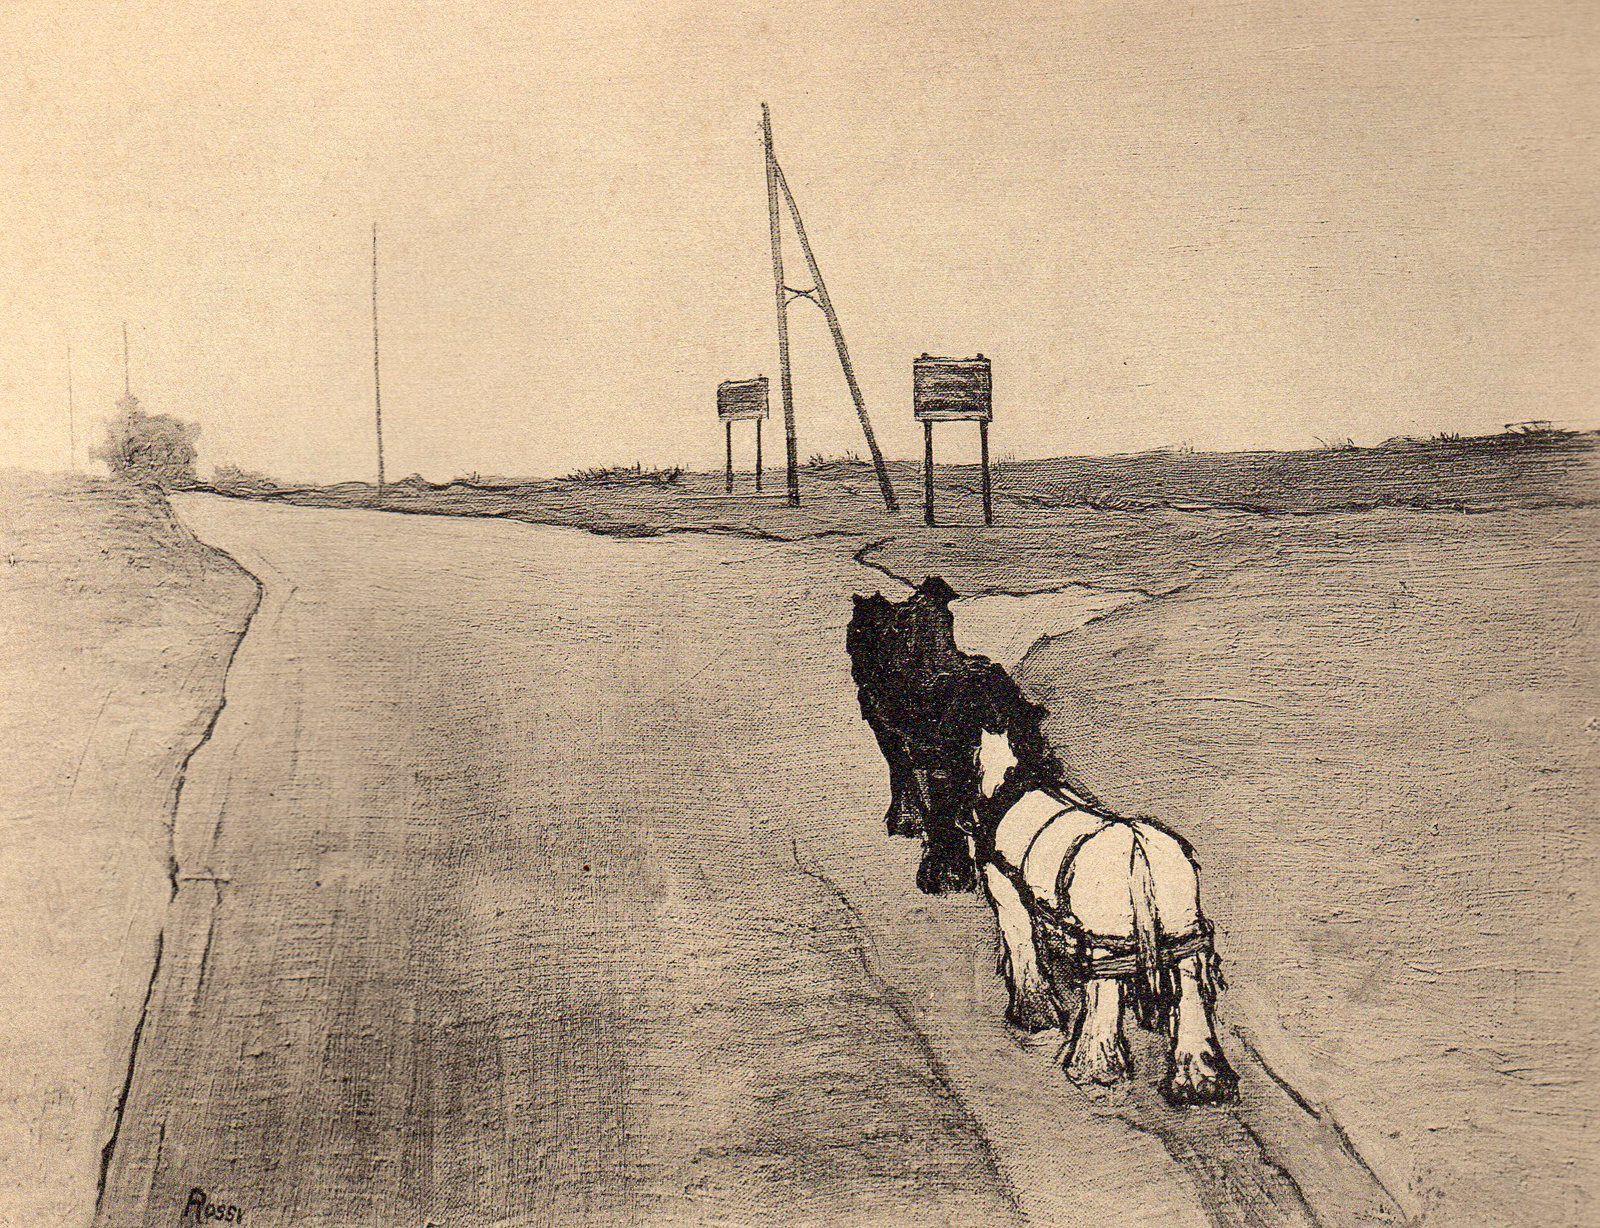 Joseph Rossi (Le Carrefour). Œuvre reproduite page 47 du livre de Jean-Paul Dubray intitulé Joseph Rossi sa vie son œuvre, éditions Marcel Seheur, 1932.